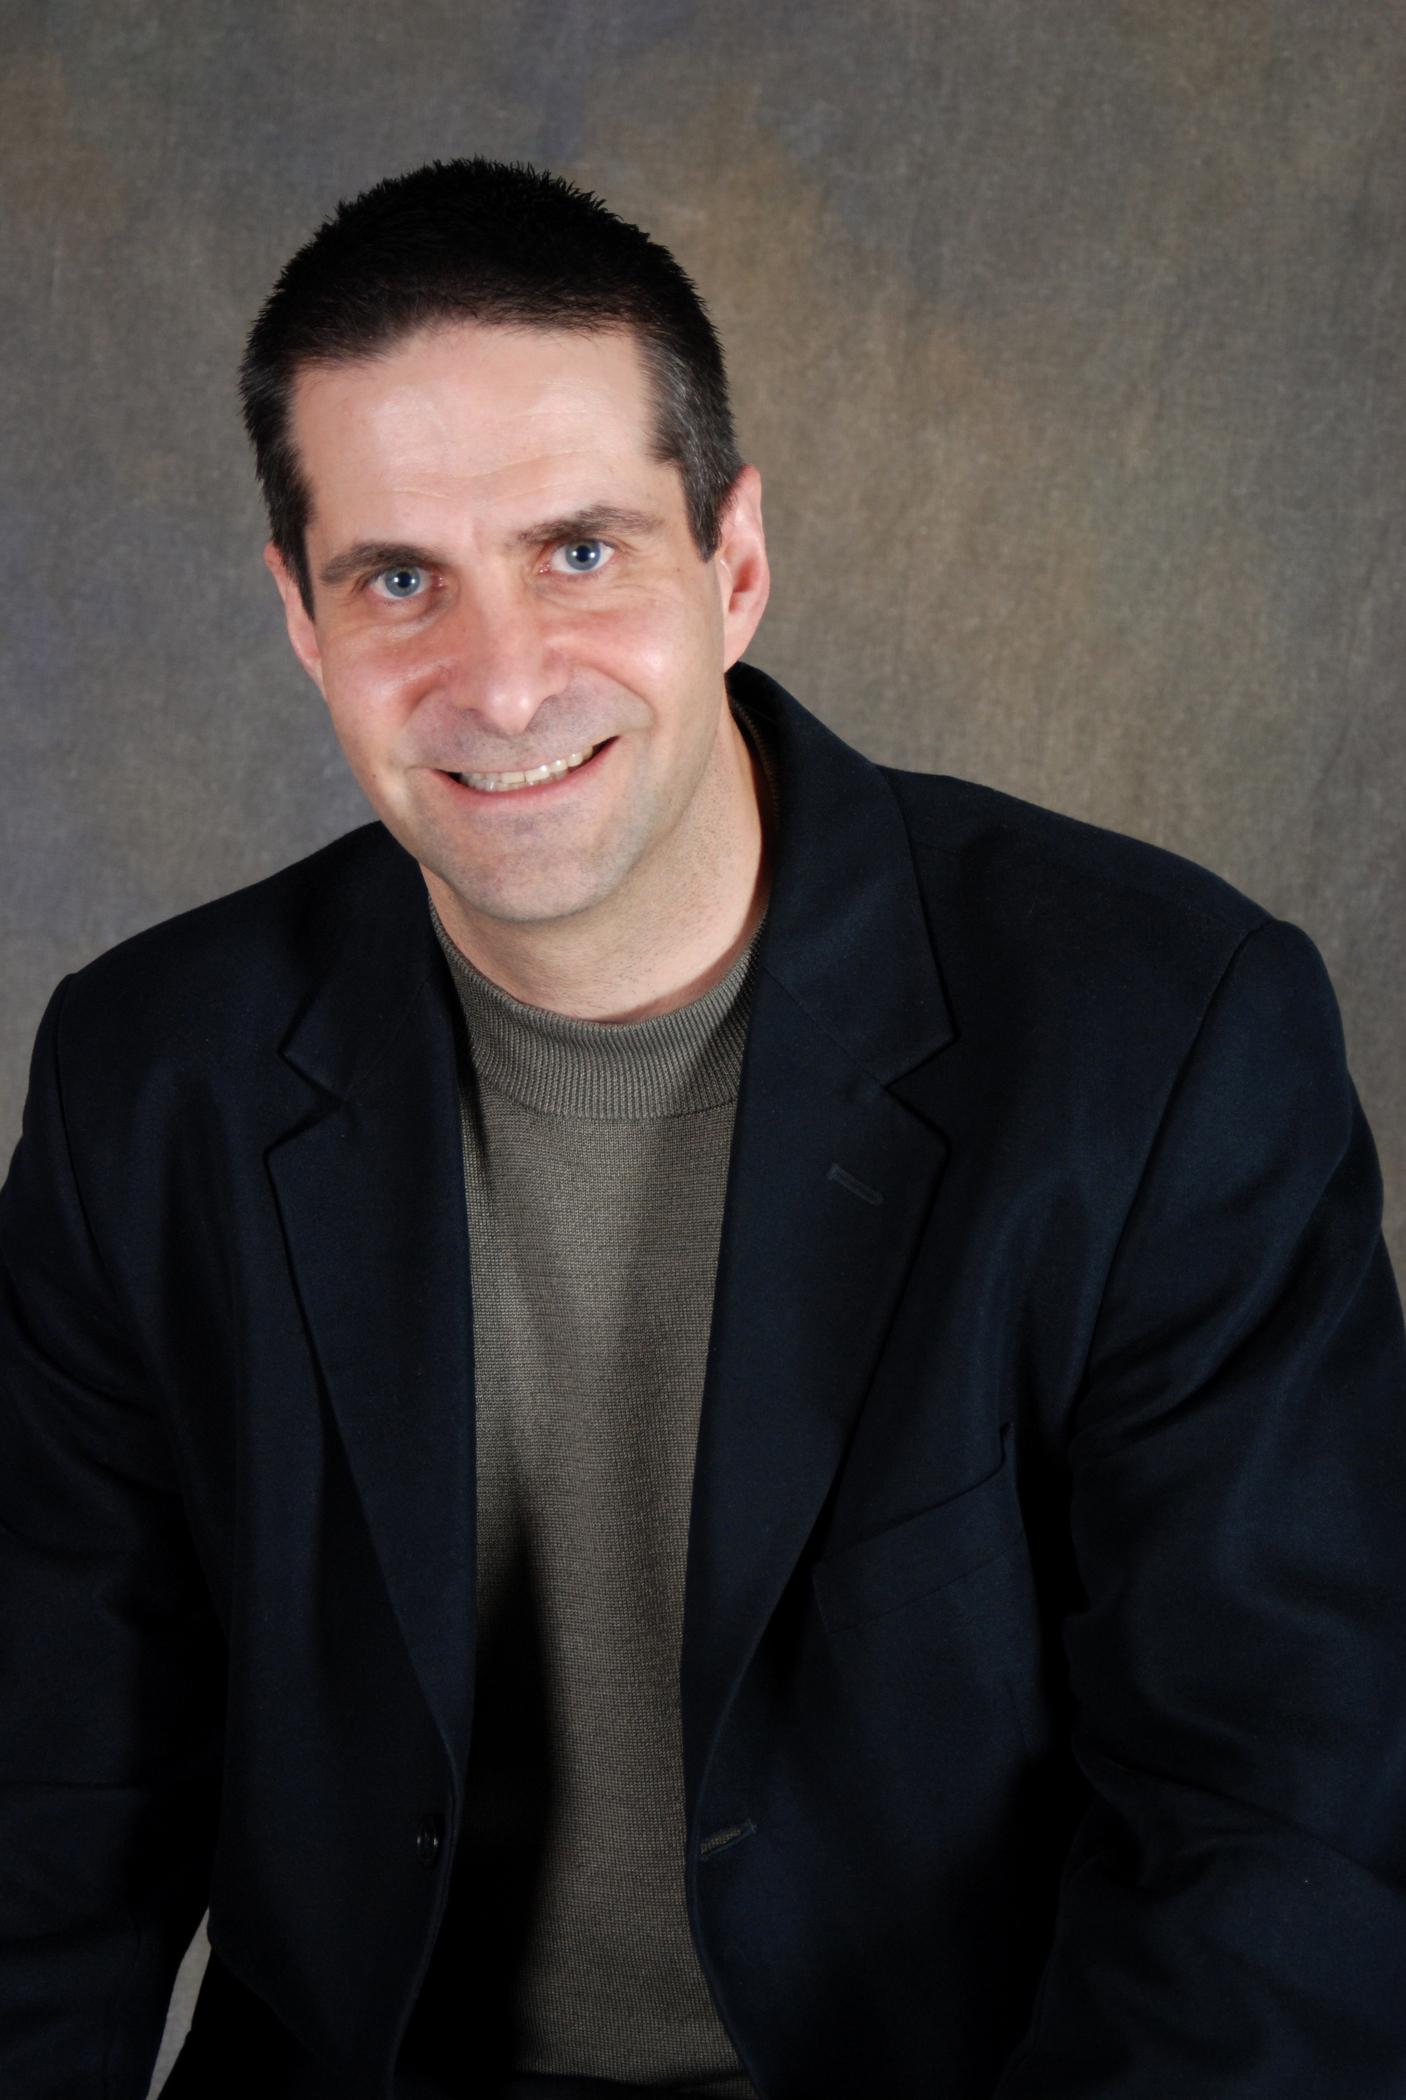 Sam Richter, Speaker